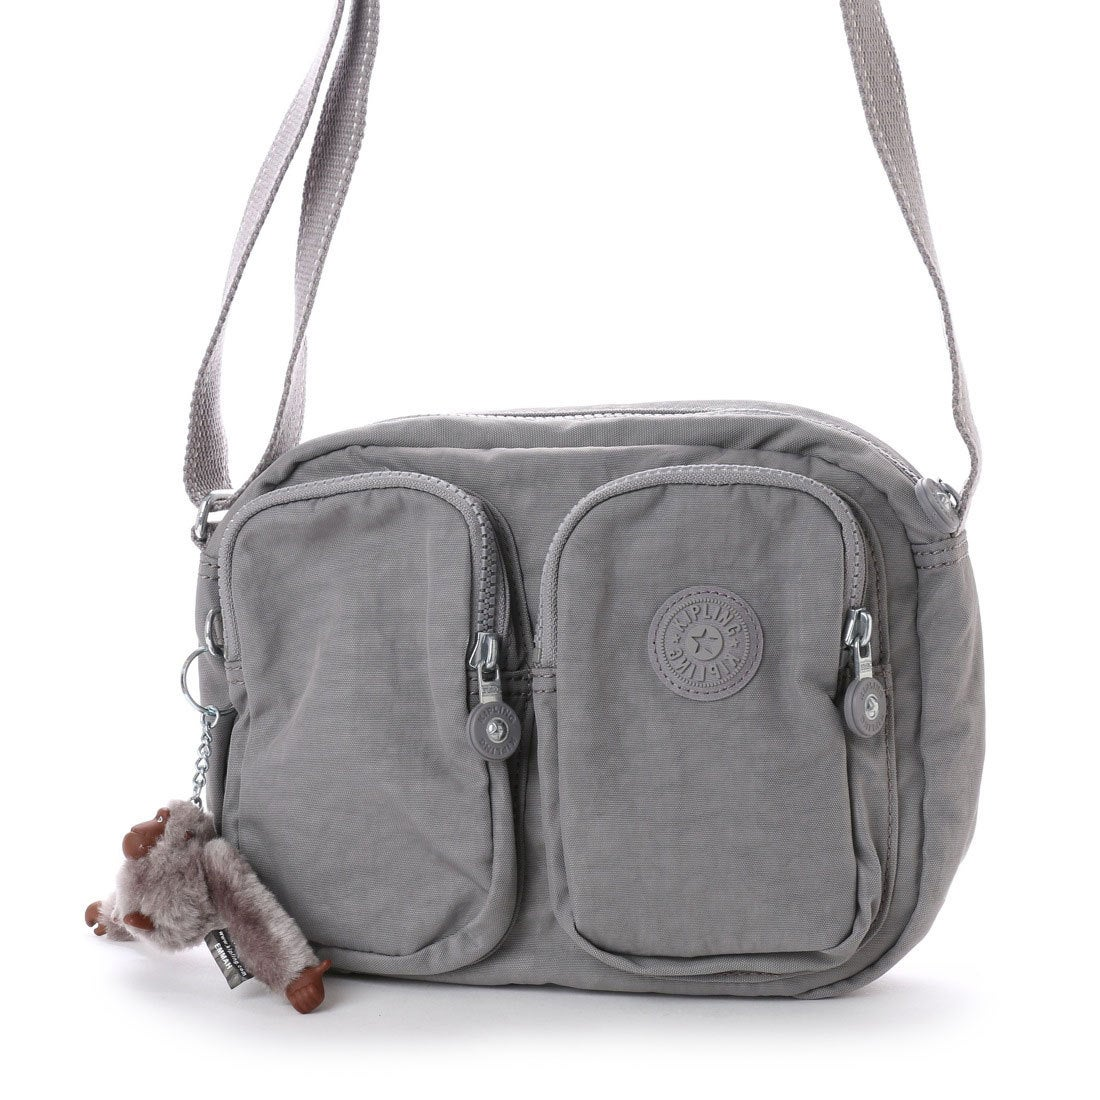 27f111aaaefa キプリング Kipling PATTI (Urban Grey C) -靴&ファッション通販 ロコンド〜自宅で試着、気軽に返品